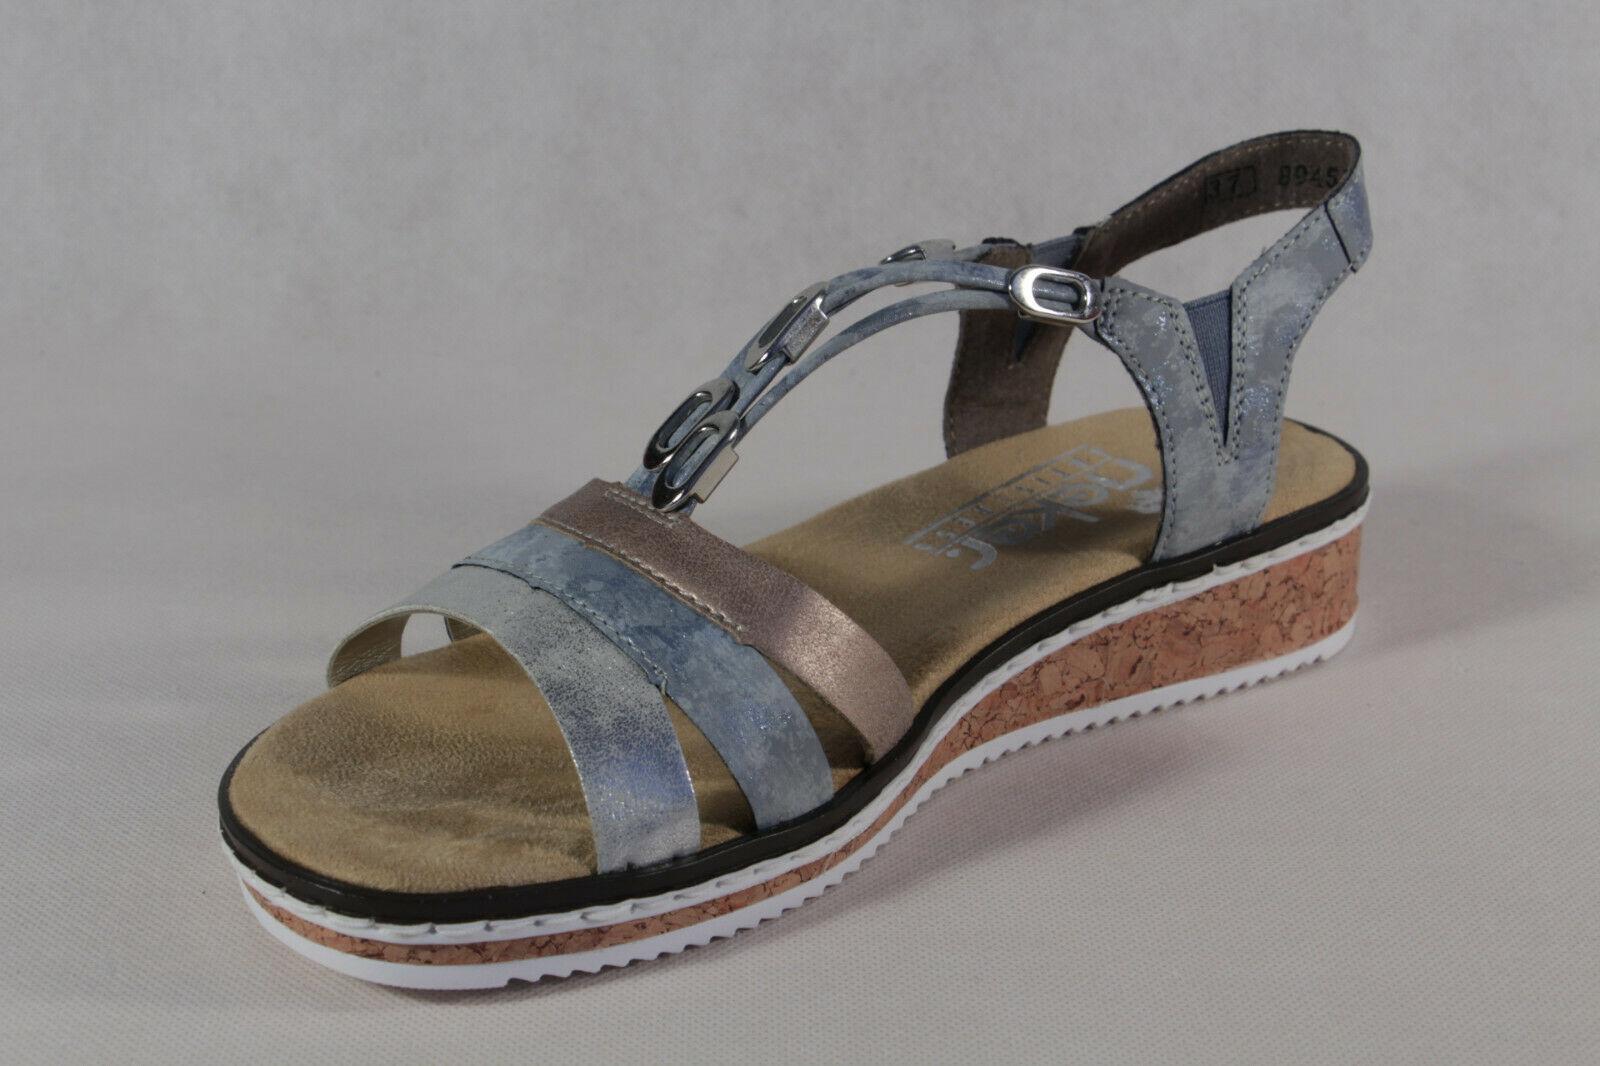 Rieker Damen Sandale Sandalen Sandalette Sandaletten blau V36G4 NEU!!